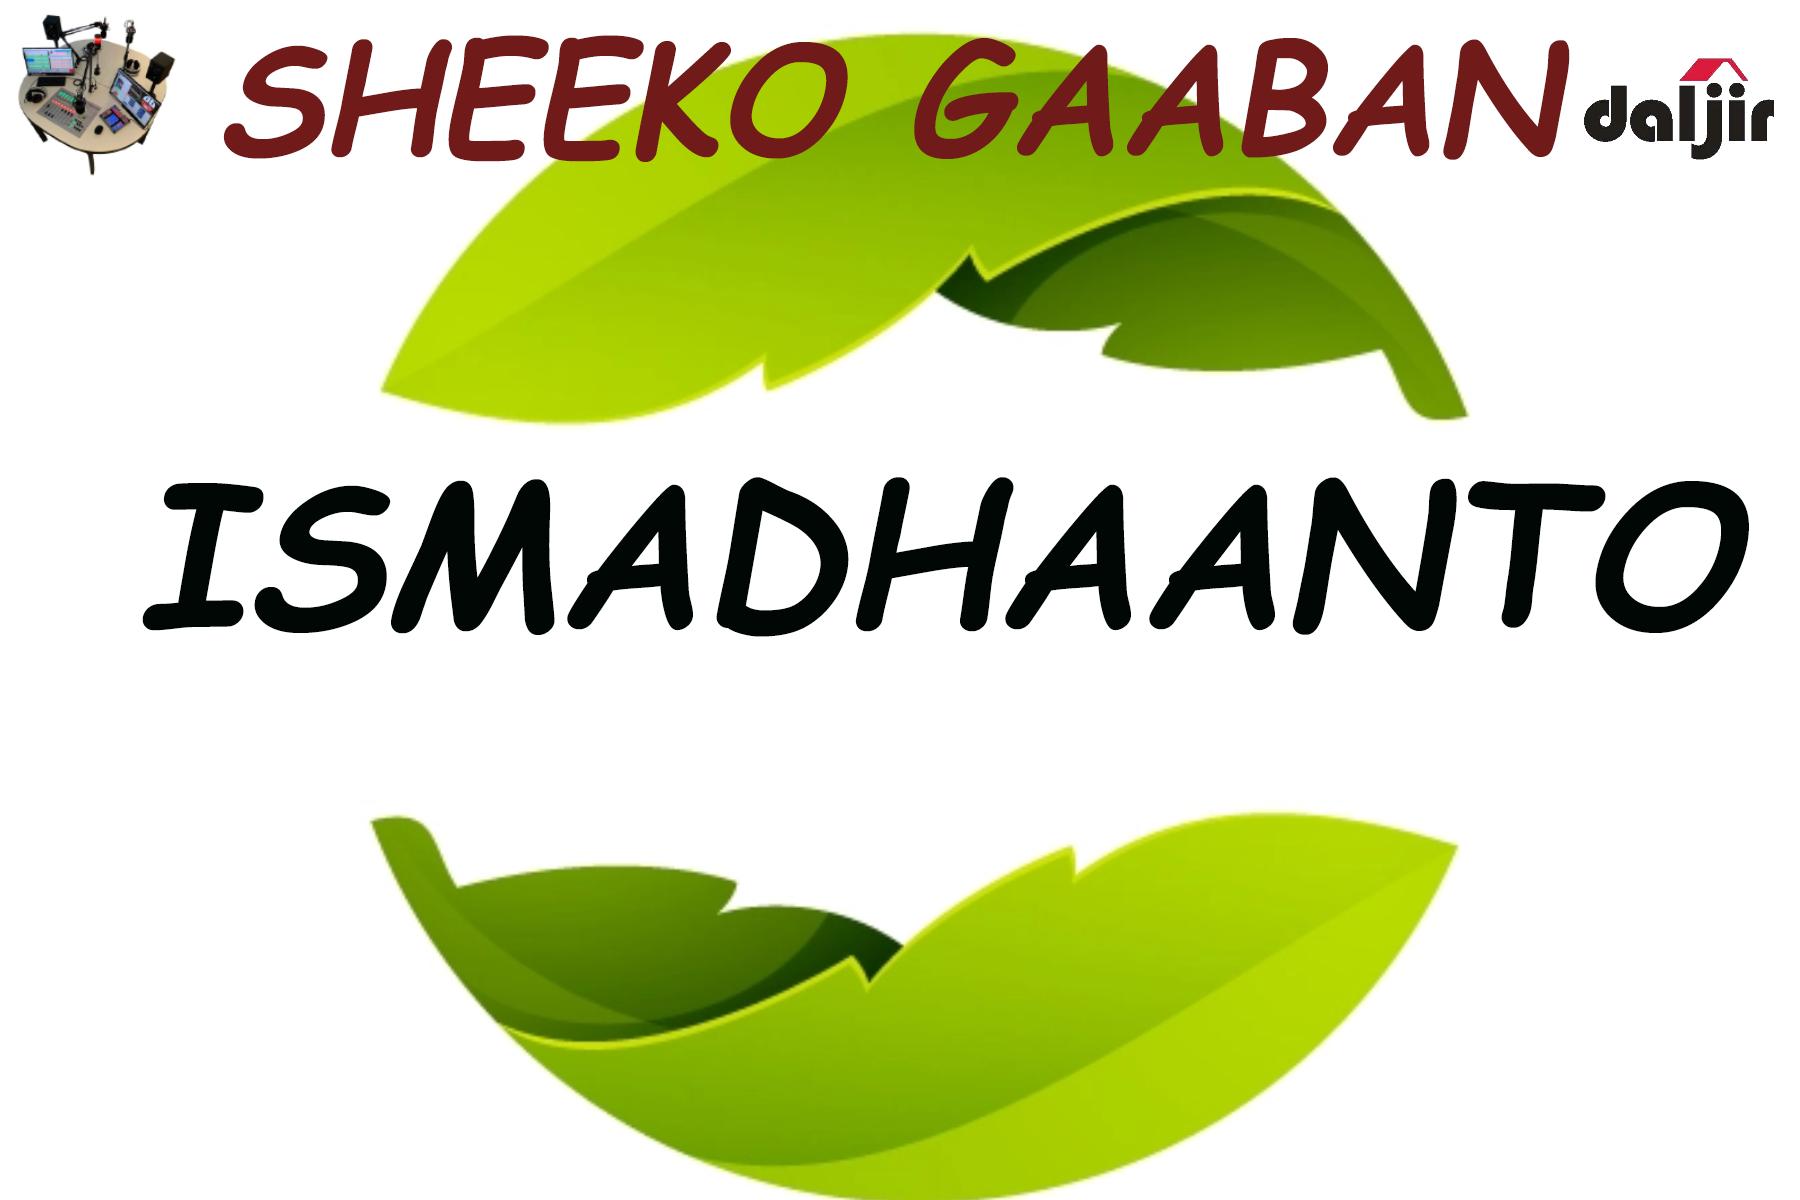 Sheeko Gaaban: Sheekada Ismadhaanto – Taxanaha 13aad (dhegayso | daawo)